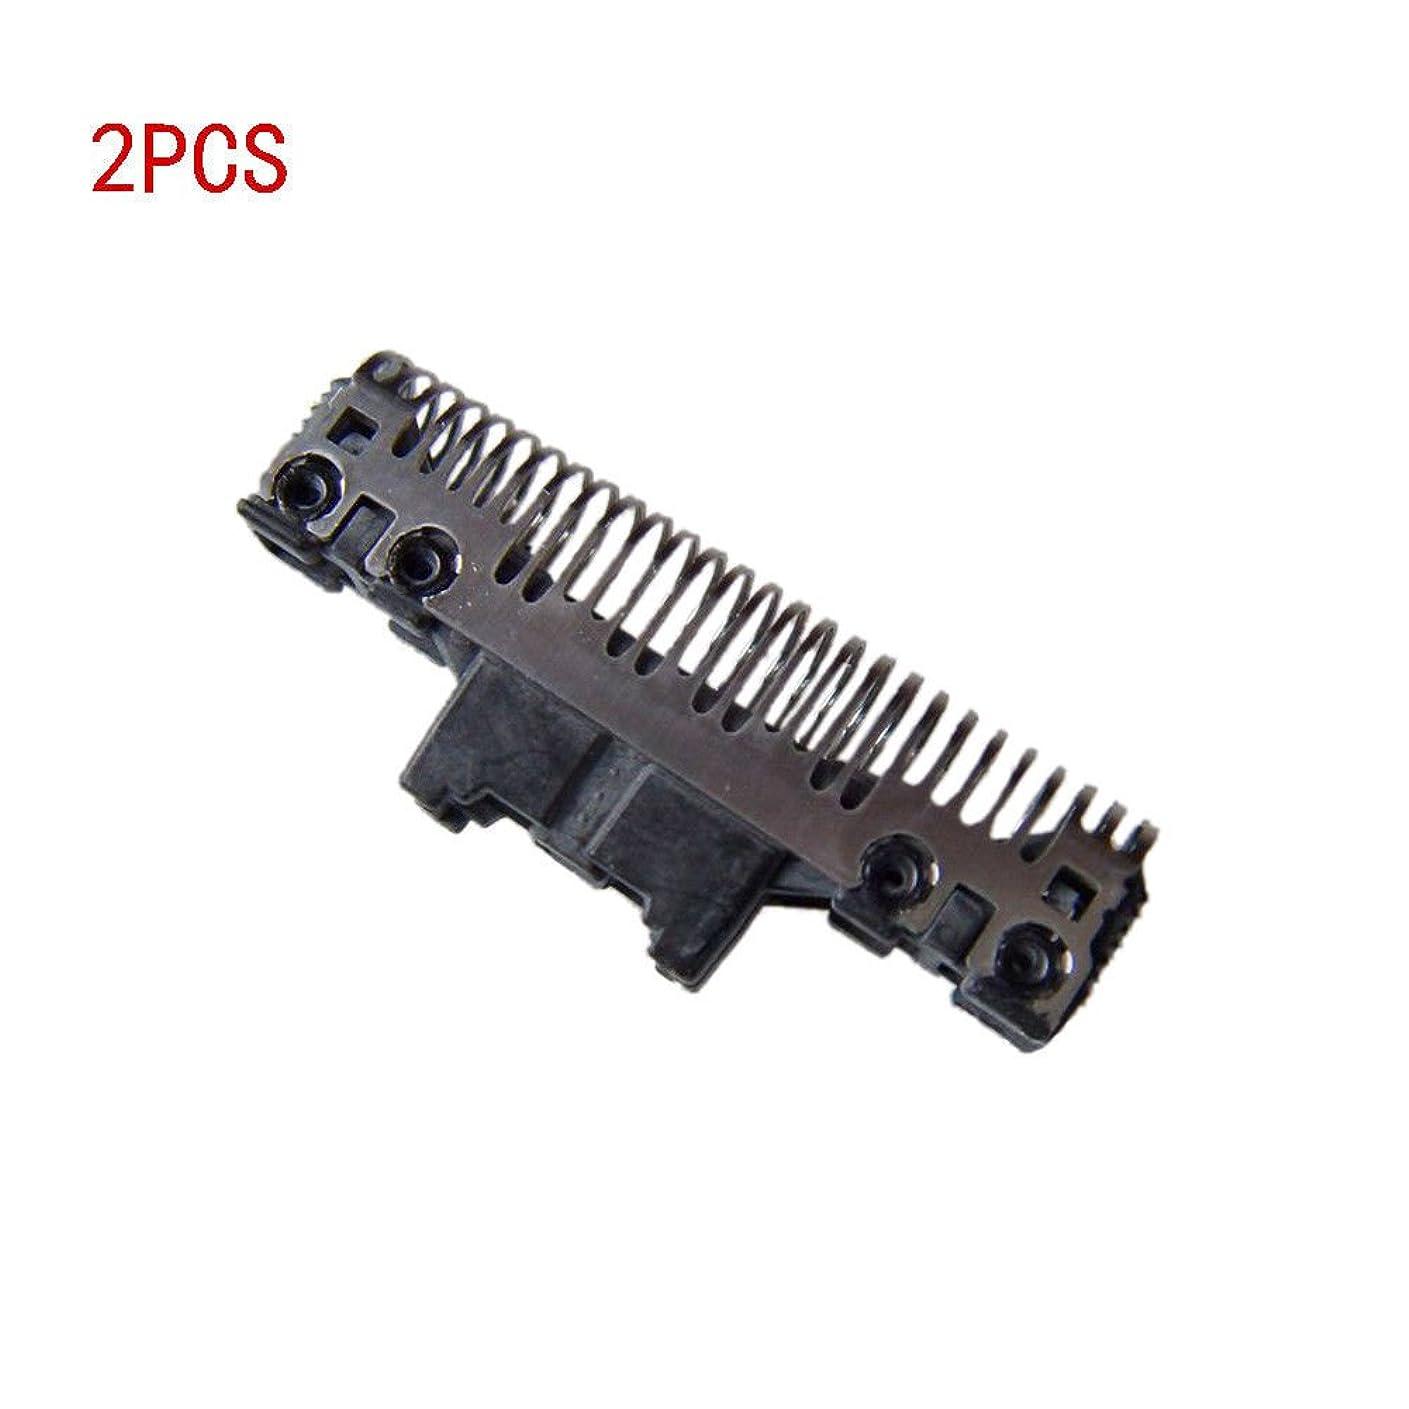 気晴らし急行する頻繁にJanjunsi 回転式シェーバー シェーバーパーツ シェーバー 交換用 替刃 内刃 耐用 for Panasonic ES9072/7021/7022/7023/7026/7027/7006/7007